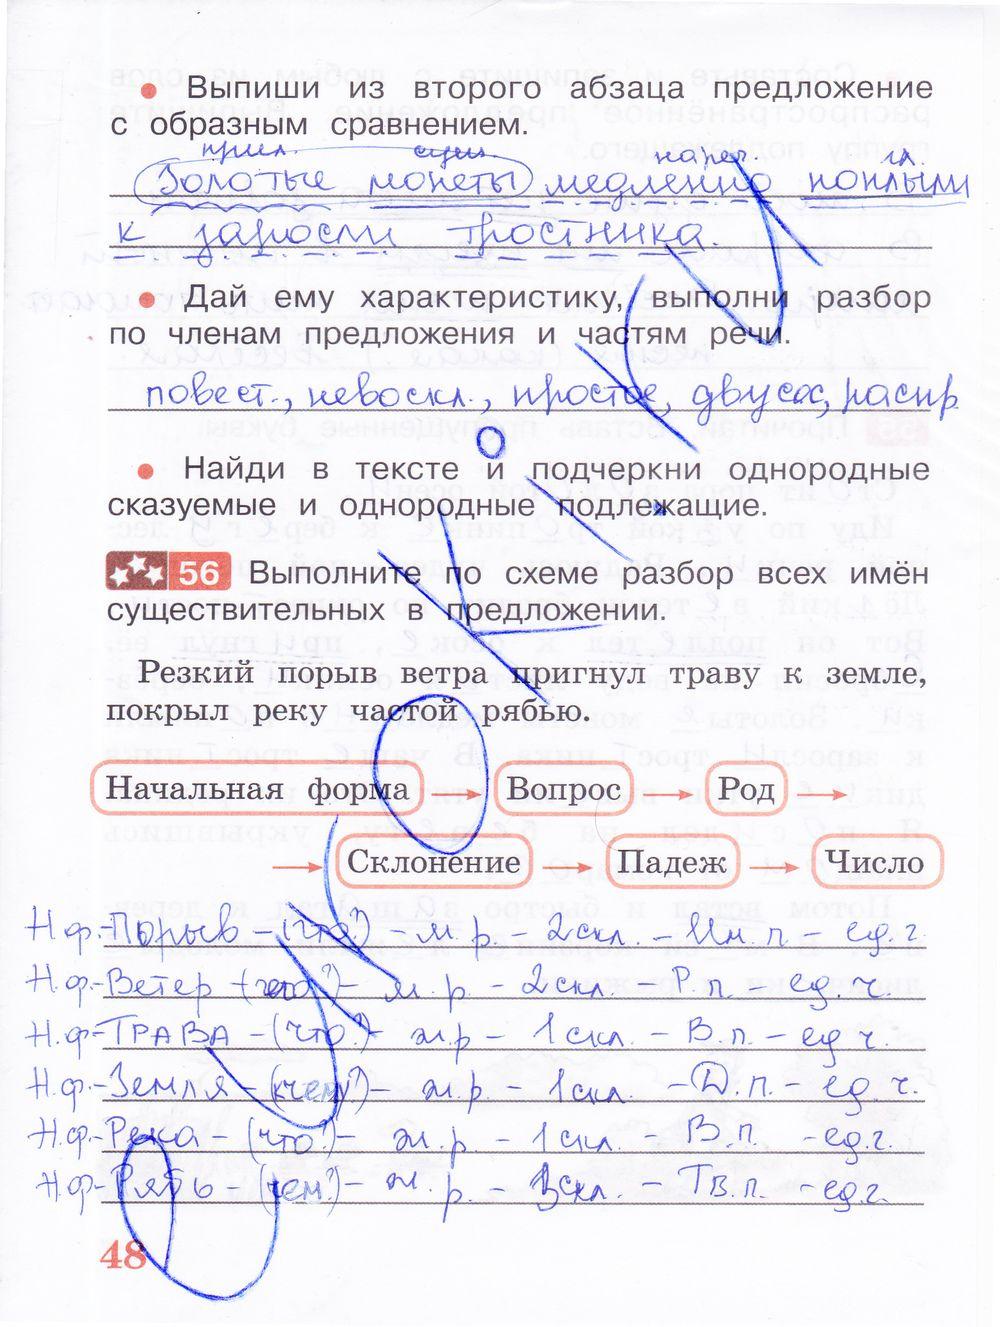 Гдз русский 10 класс бабайцева углубленный уровень твоя домашка.